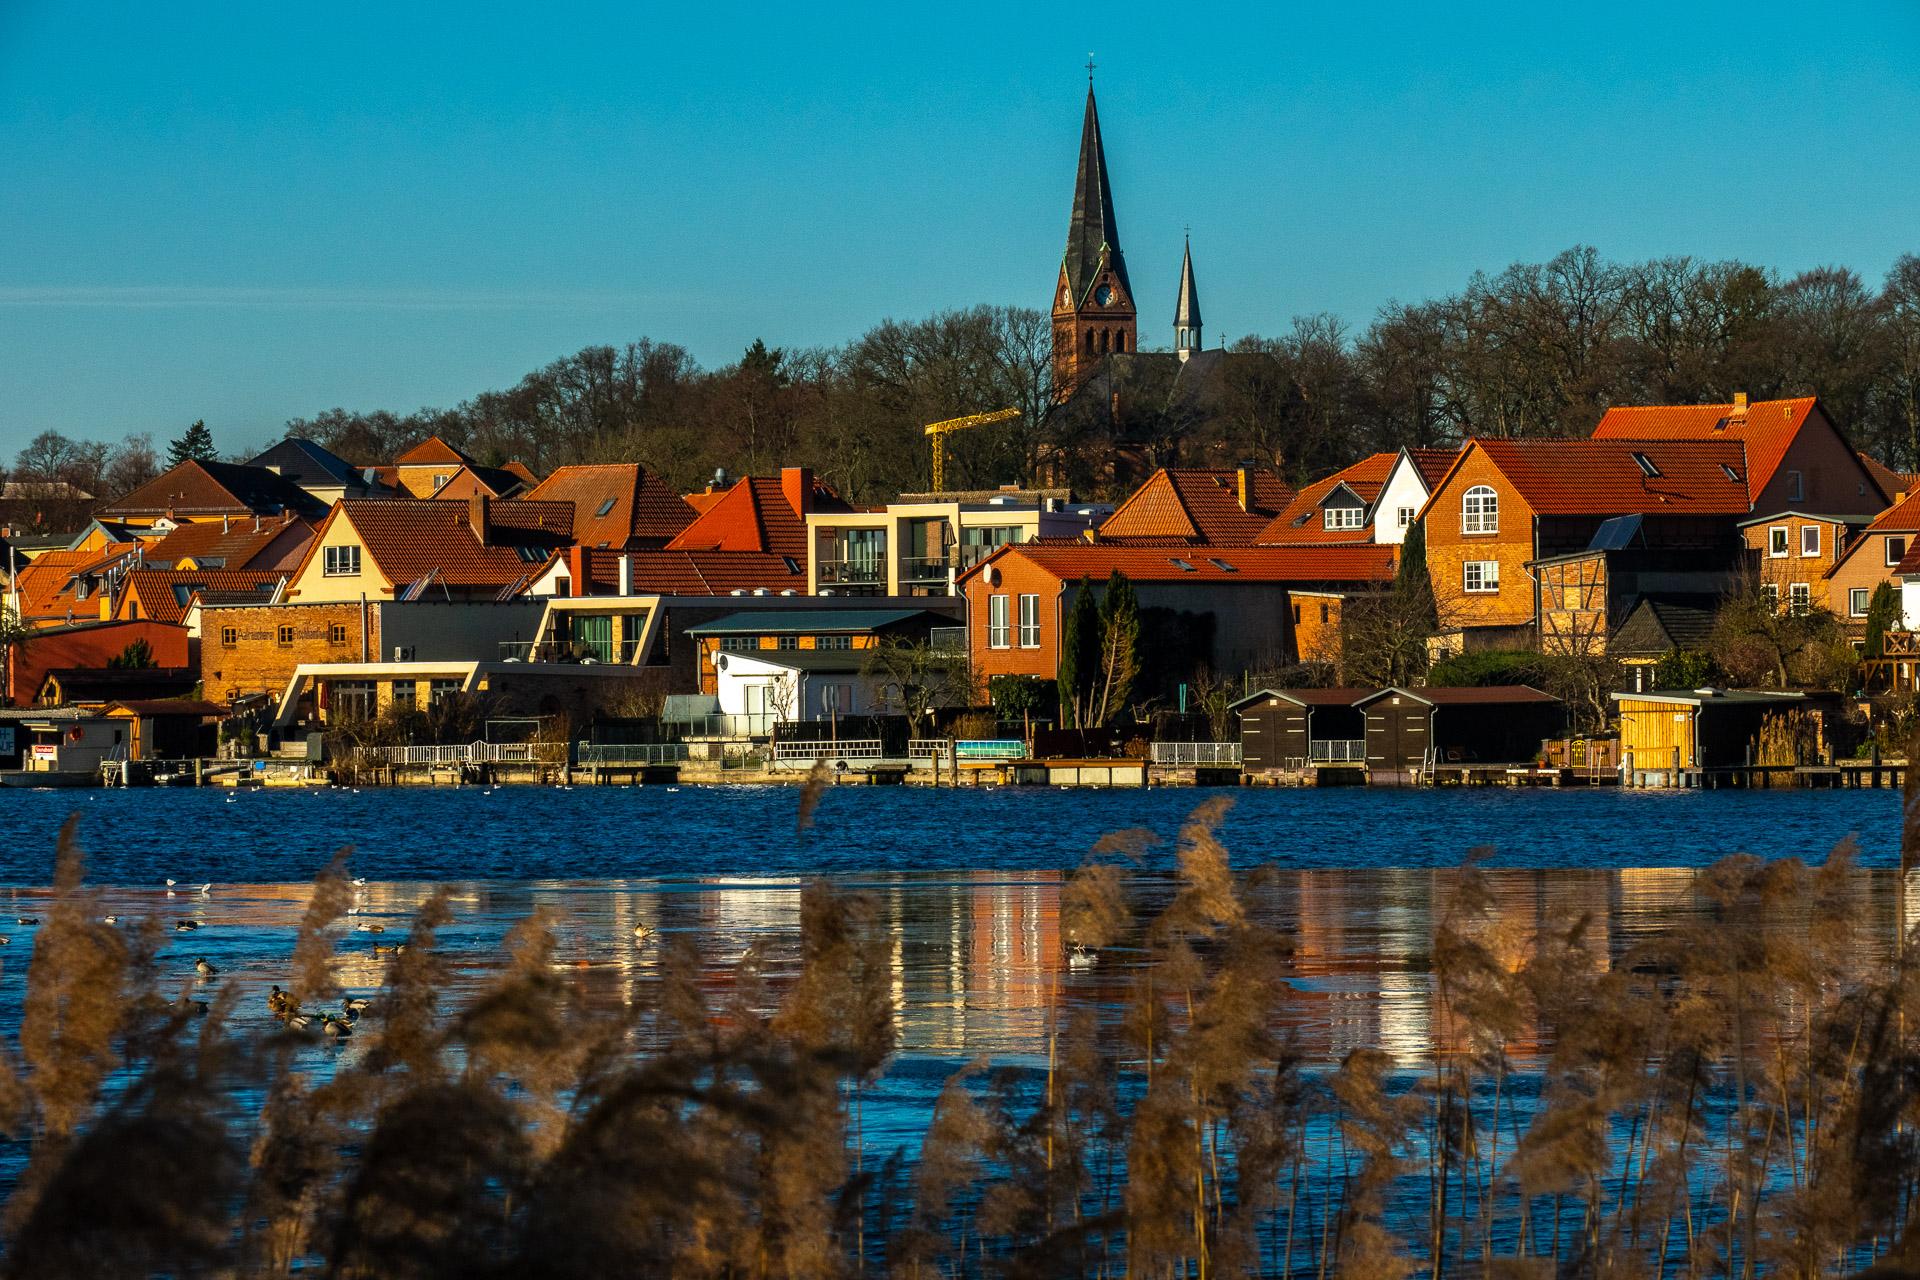 Malchower Kirche, davor der dünn mit Eis bedeckte See, Fassaden leuchten in der Sonne